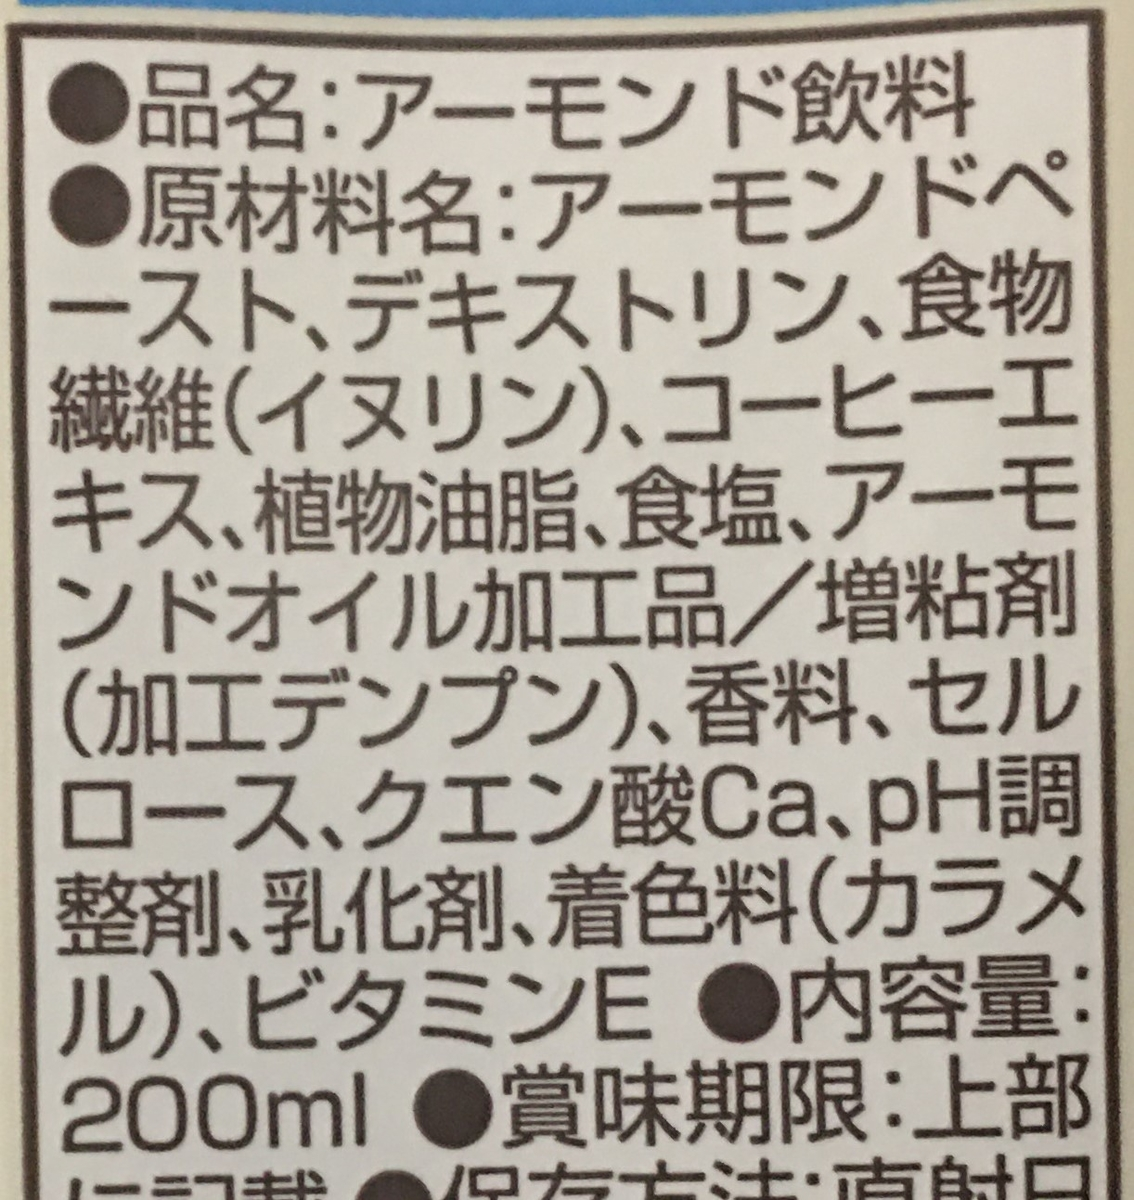 f:id:YOSHIO1010:20200316025425j:plain